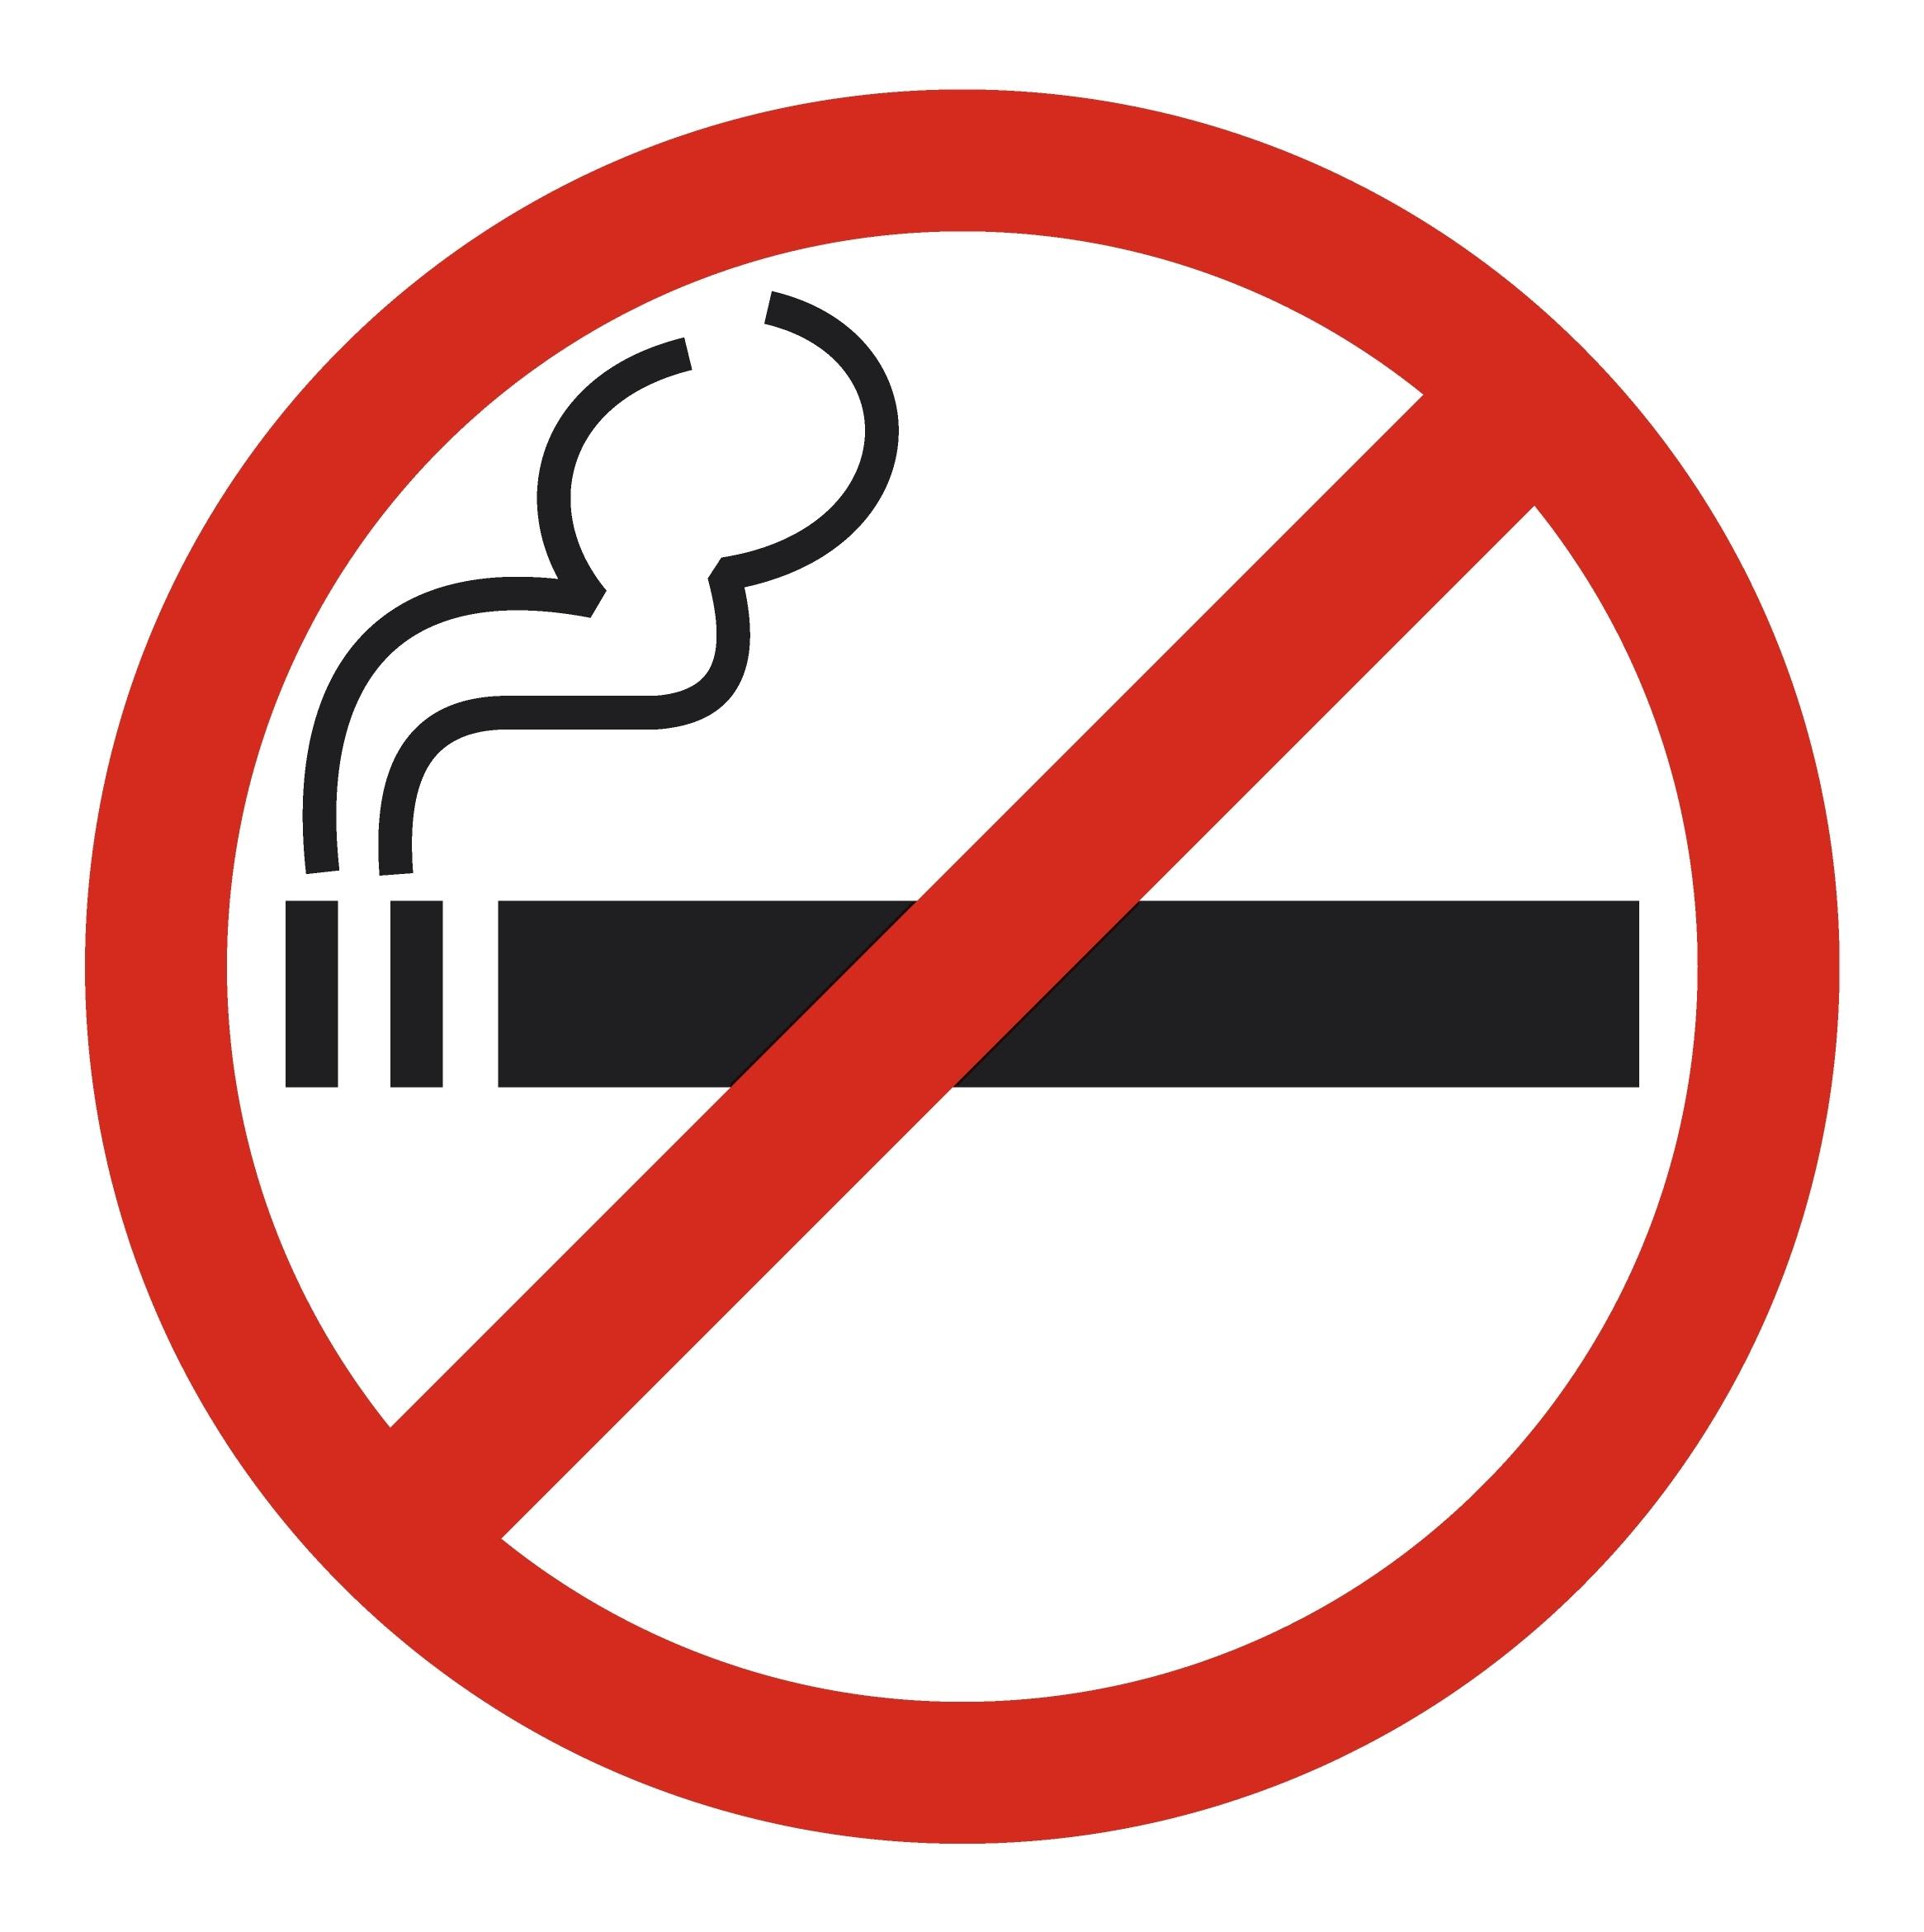 Не курить картинки красивые